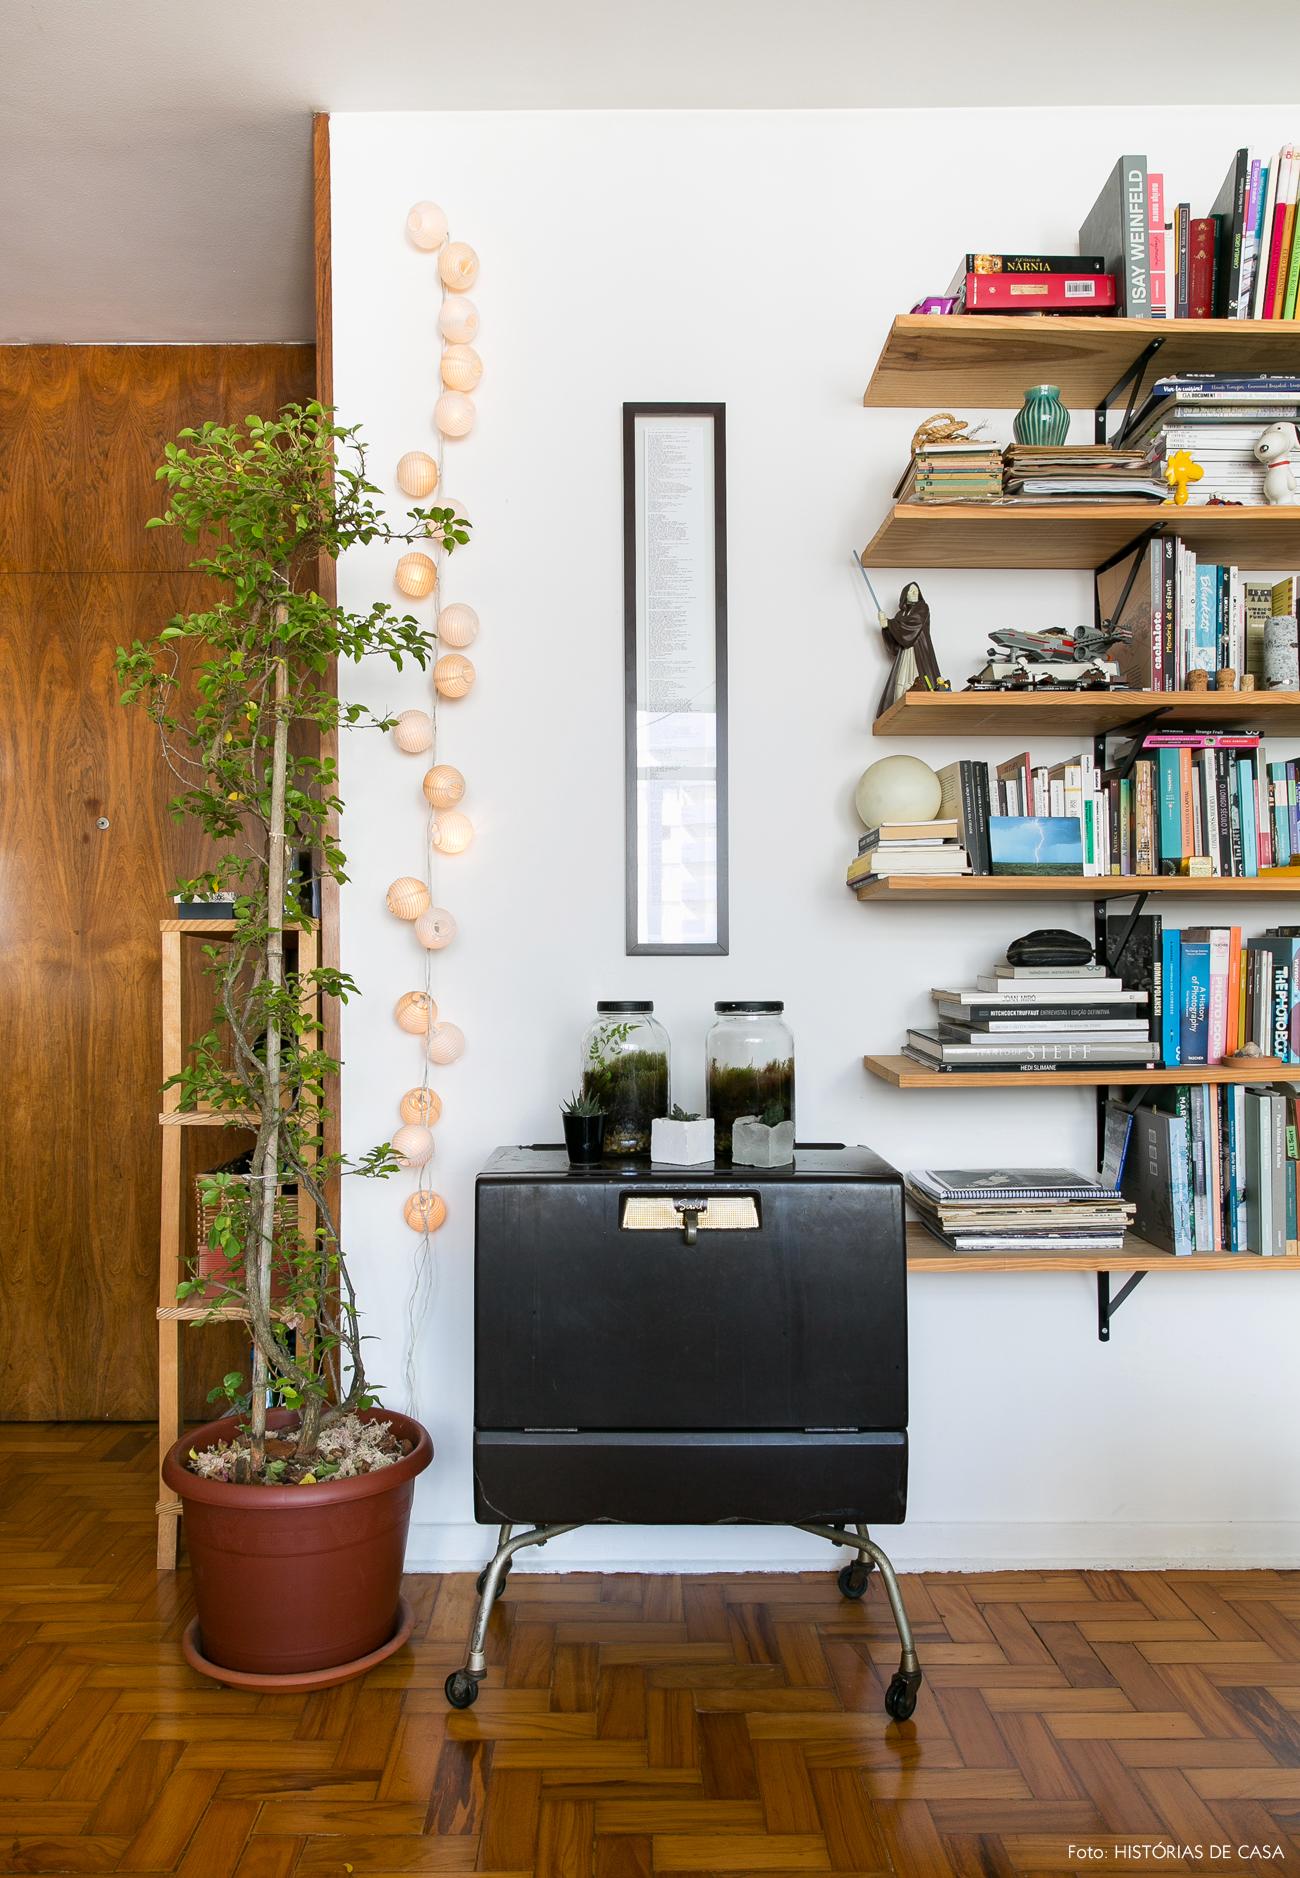 02-decoracao-apartamento-alugado-ideias-prateleiras-mao-francesa